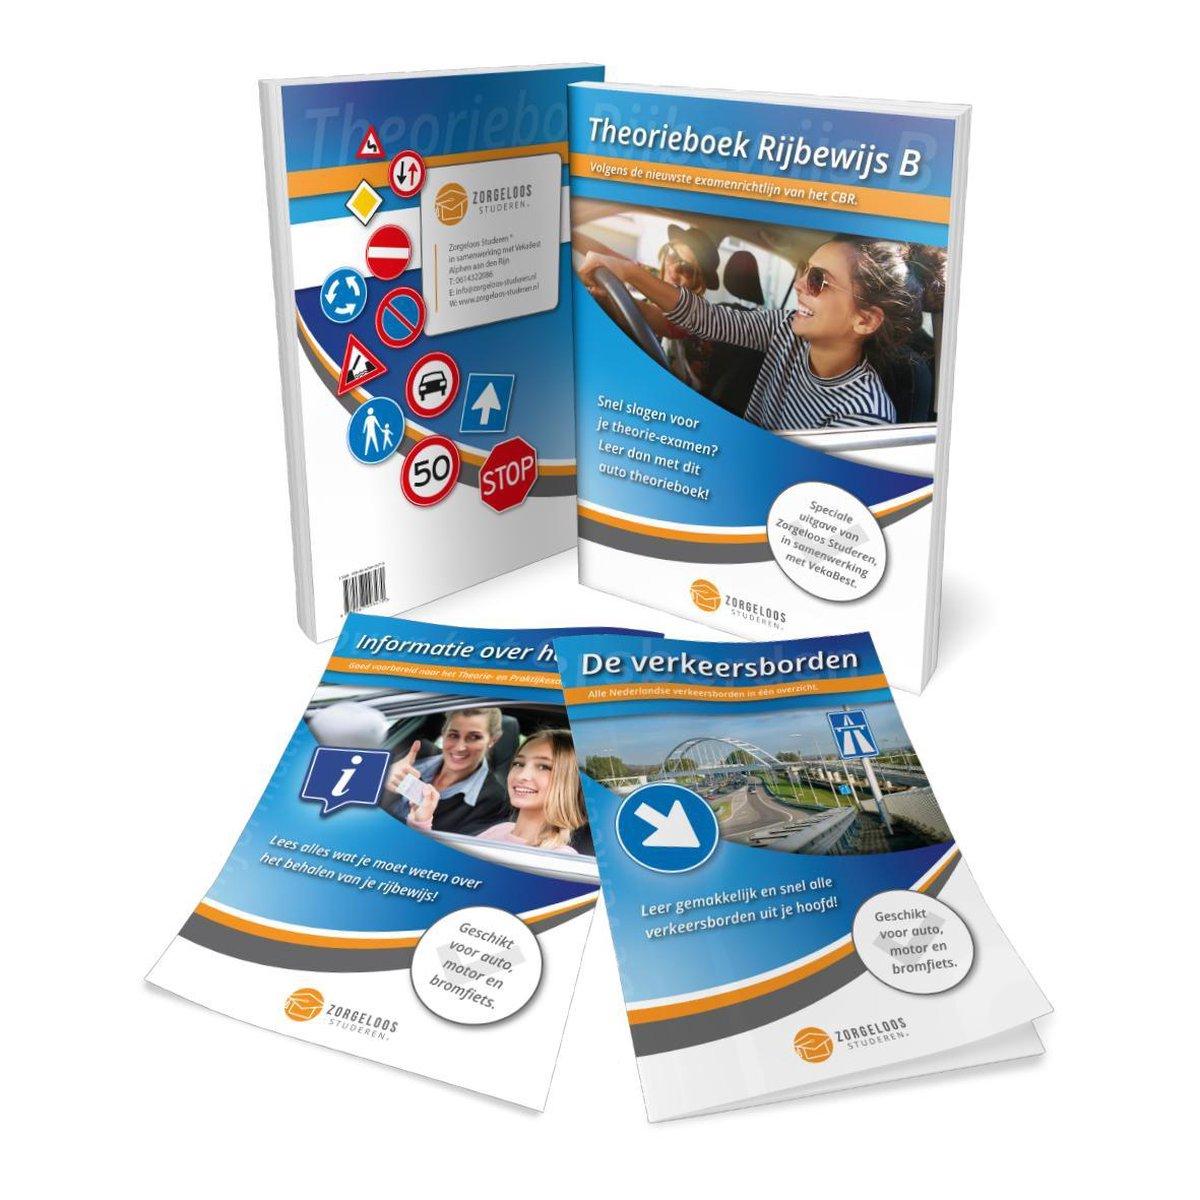 Auto Theorieboek Rijbewijs B 2021 - Auto Theorie Boek met CBR Informatie en Verkeersborden